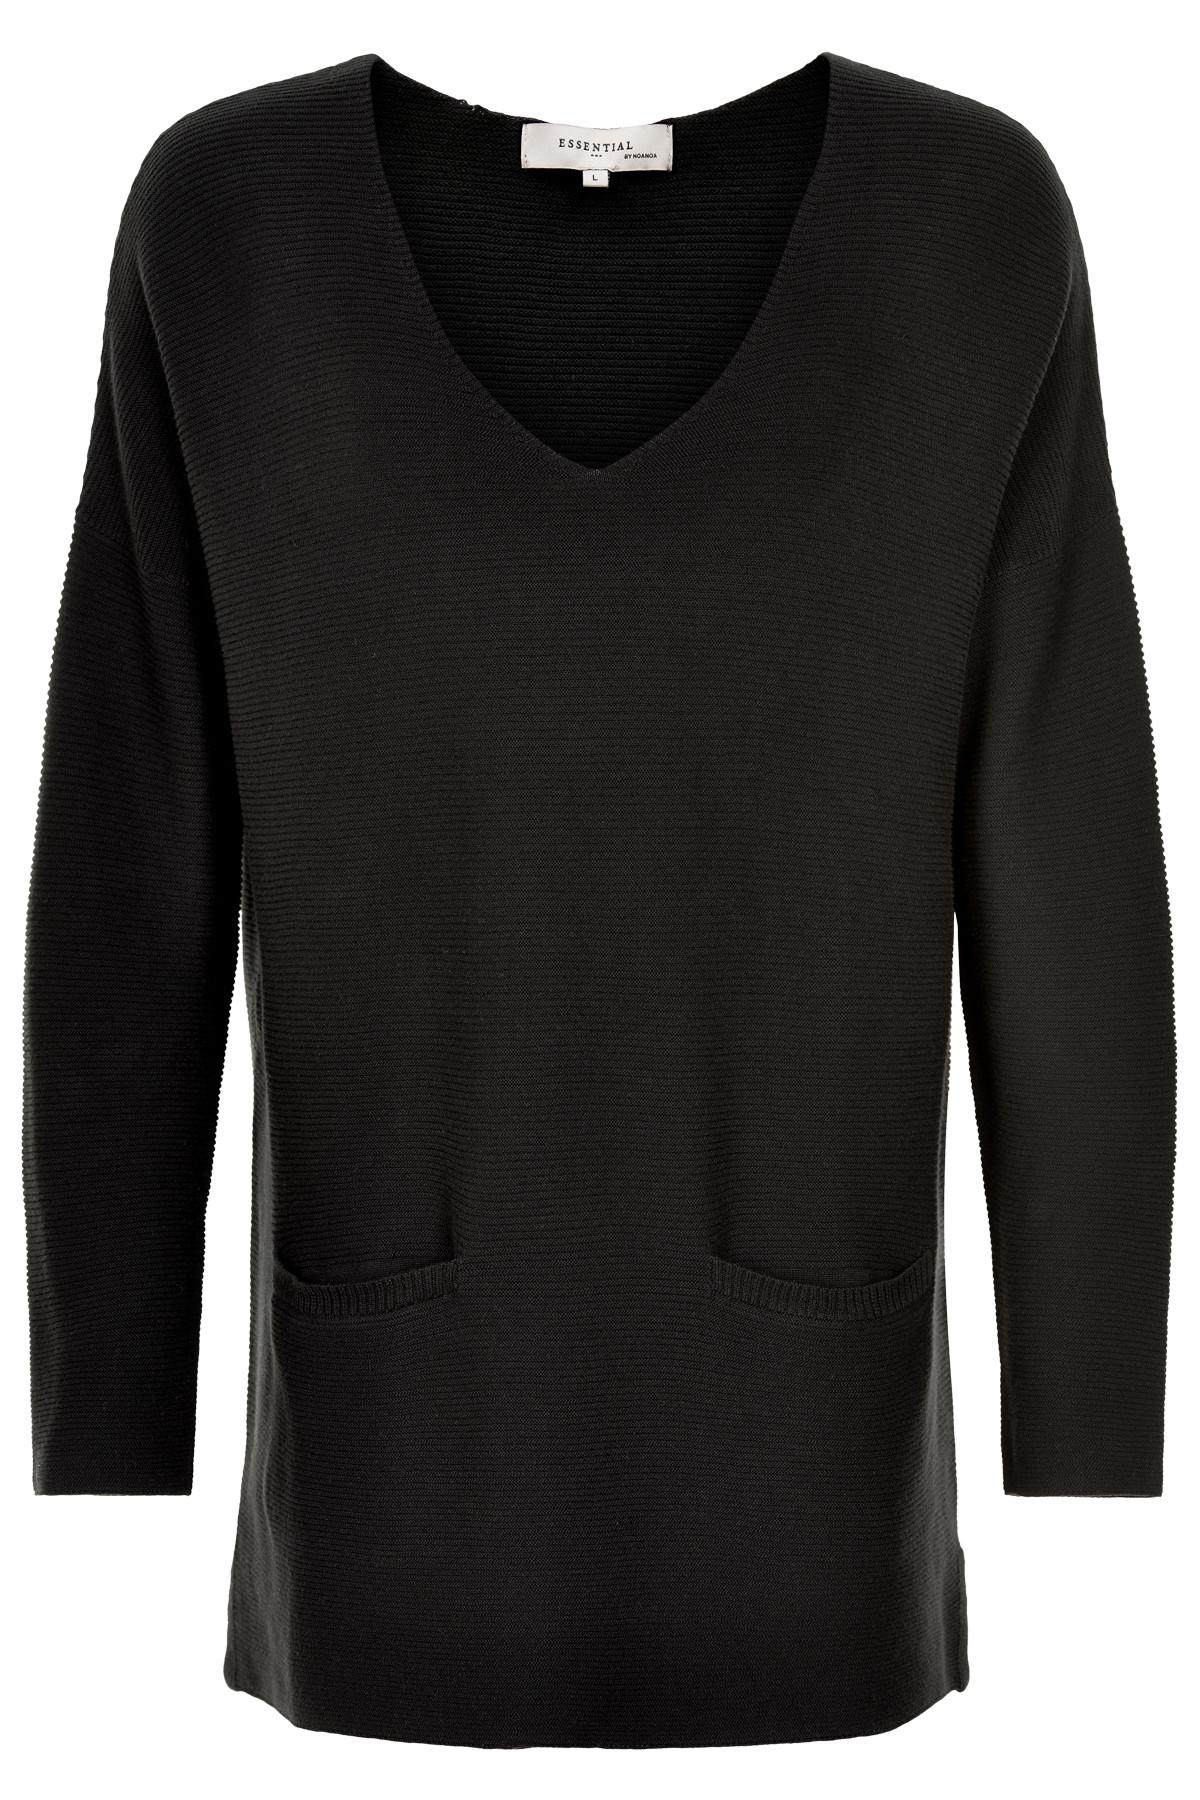 Webshop Clothing Noa Fashion ⎥shop Online Official q850x